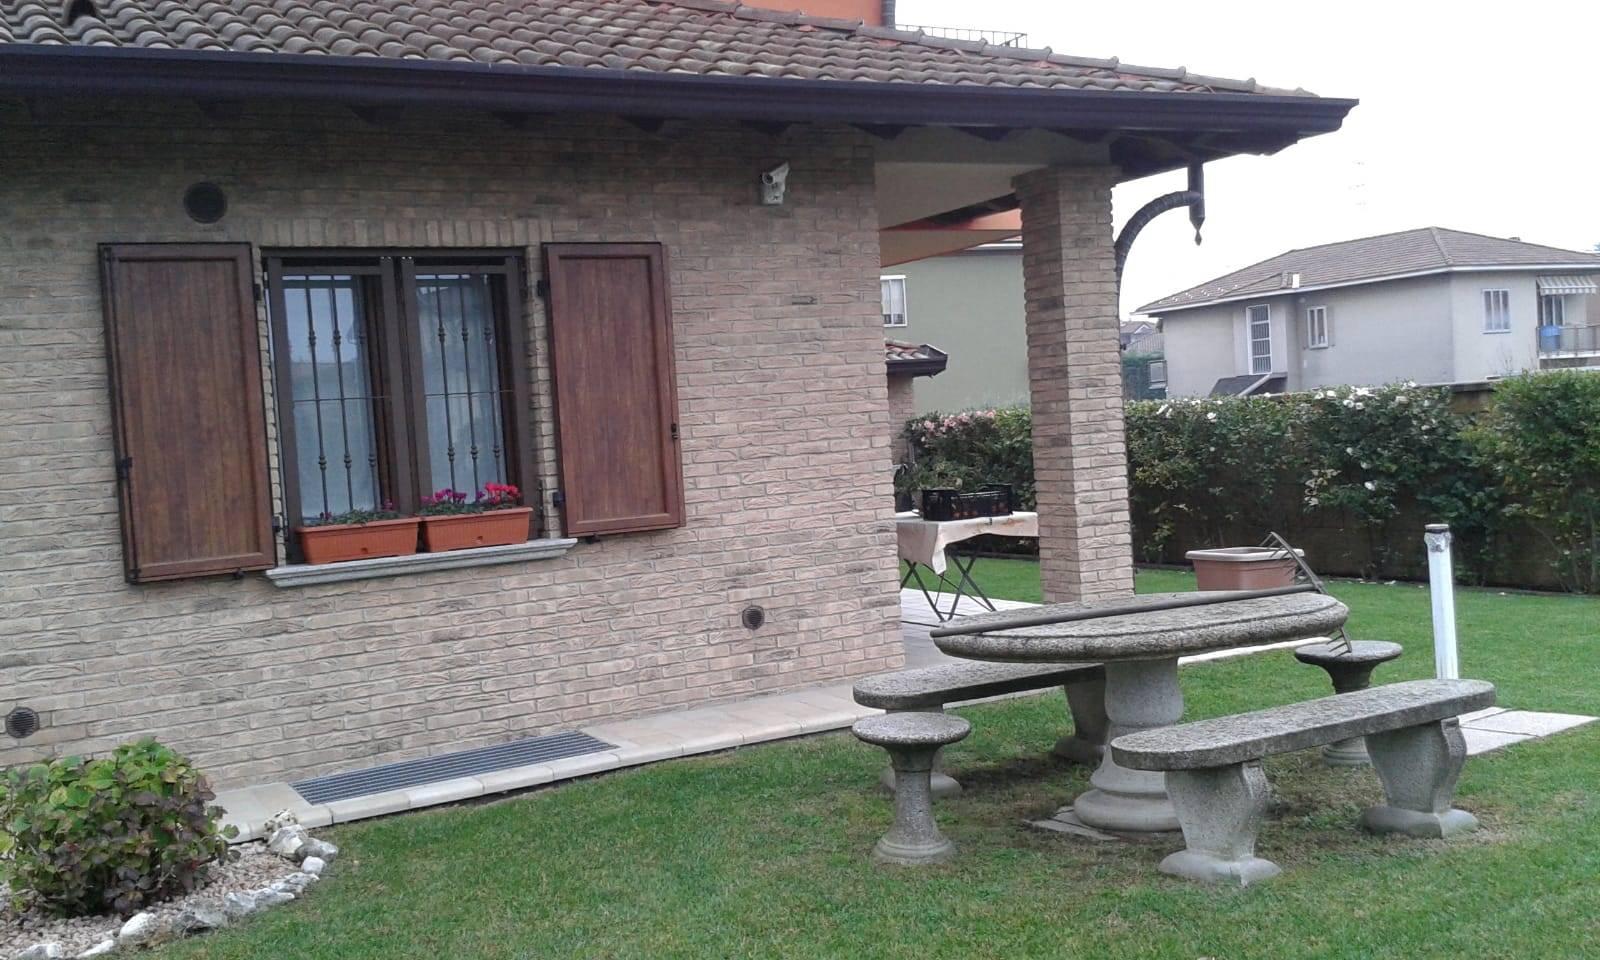 Villa in vendita a Olgiate Olona, 5 locali, zona Zona: Gerbone, prezzo € 590.000 | CambioCasa.it